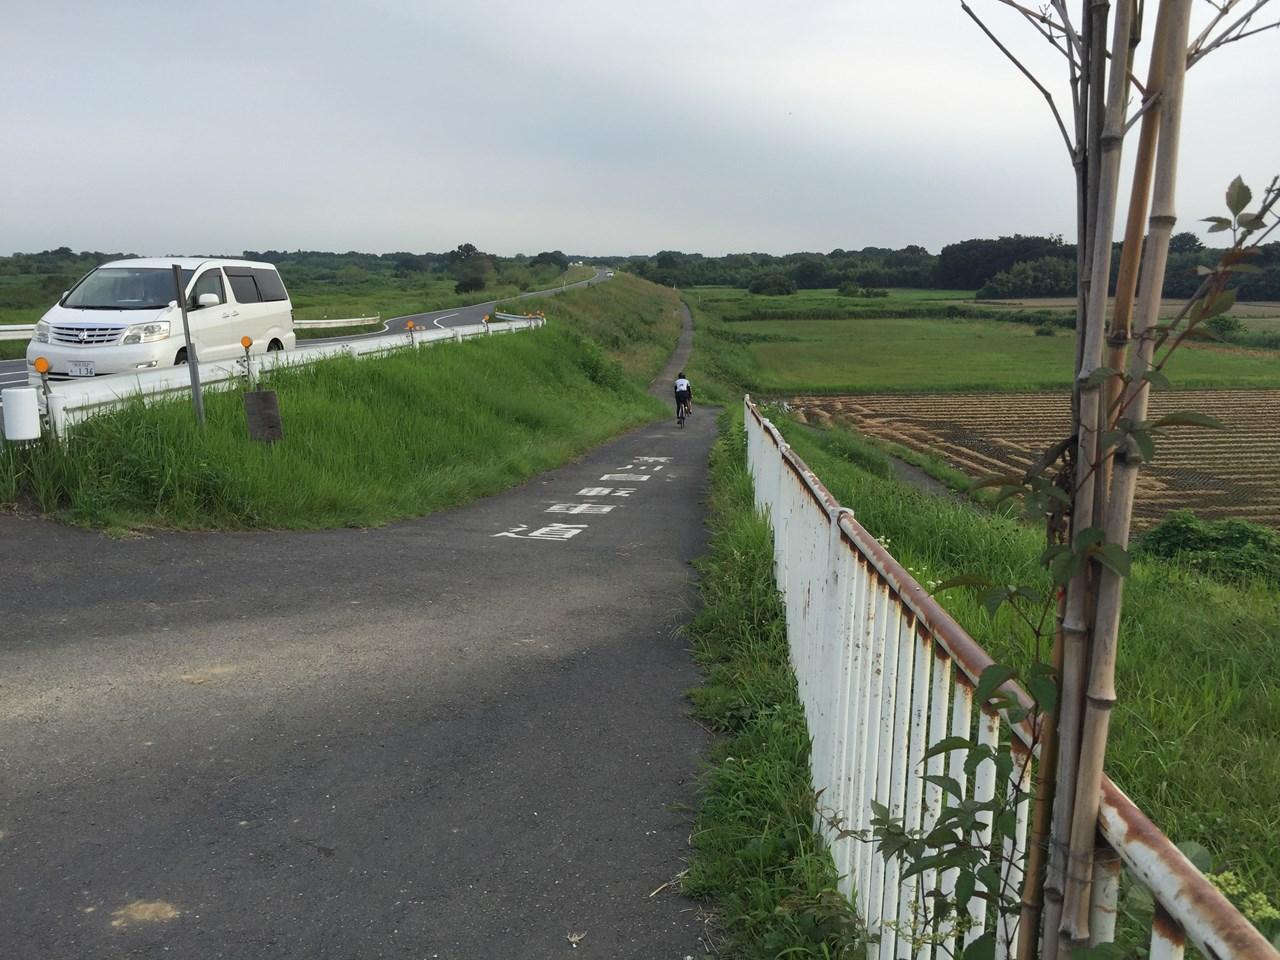 20170826_Arakawa Long Run (5)